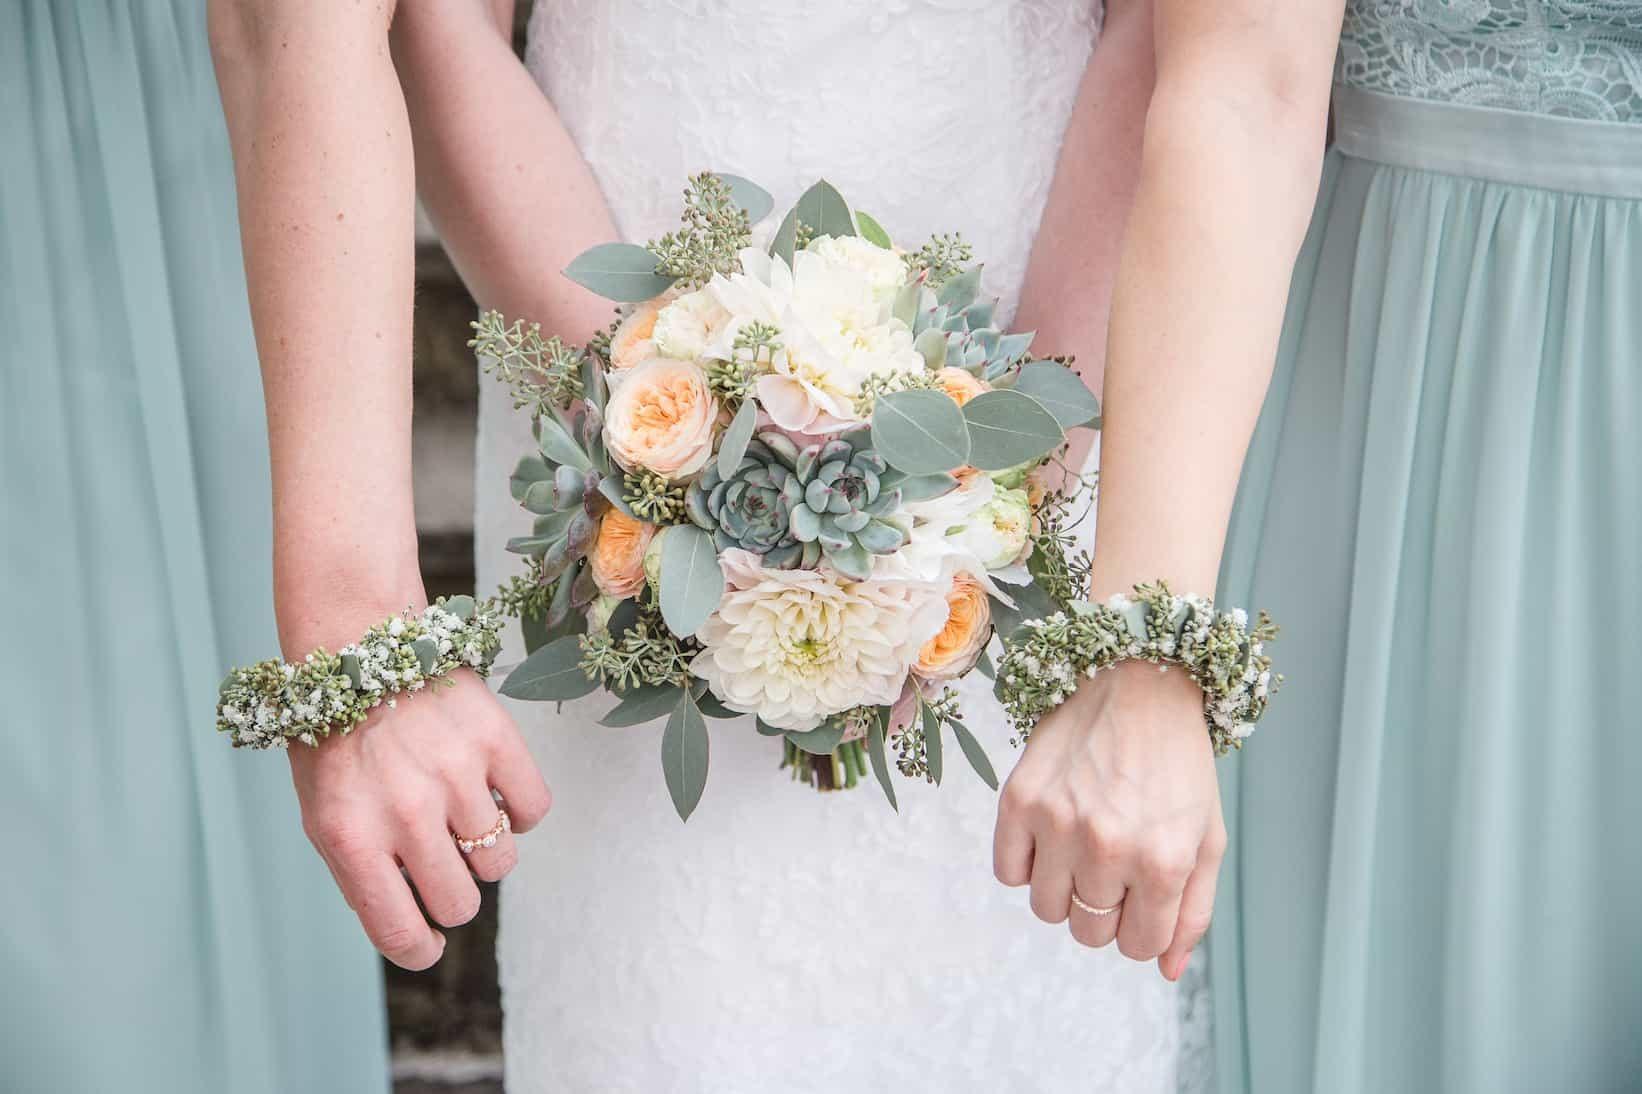 Hochzeit von Jennifer und Stefan in Münster: Brautstrauß und Blumenkränze der Trauzeuginnen